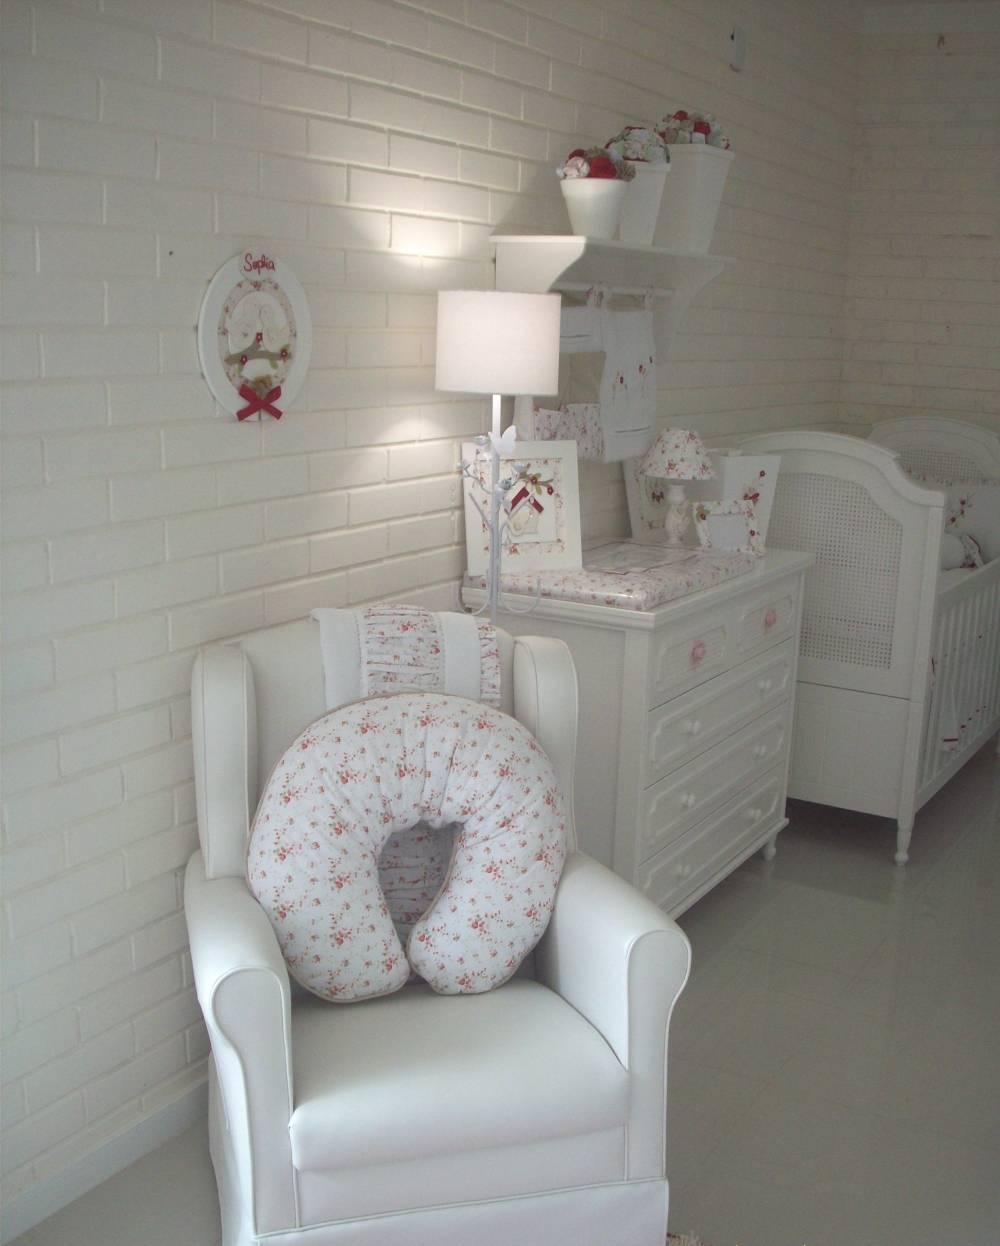 Decoração de Quarto de Bebê Feminino Simples e Barato em Raposo Tavares - Decoração de Quarto de Bebê Feminino em Osasco